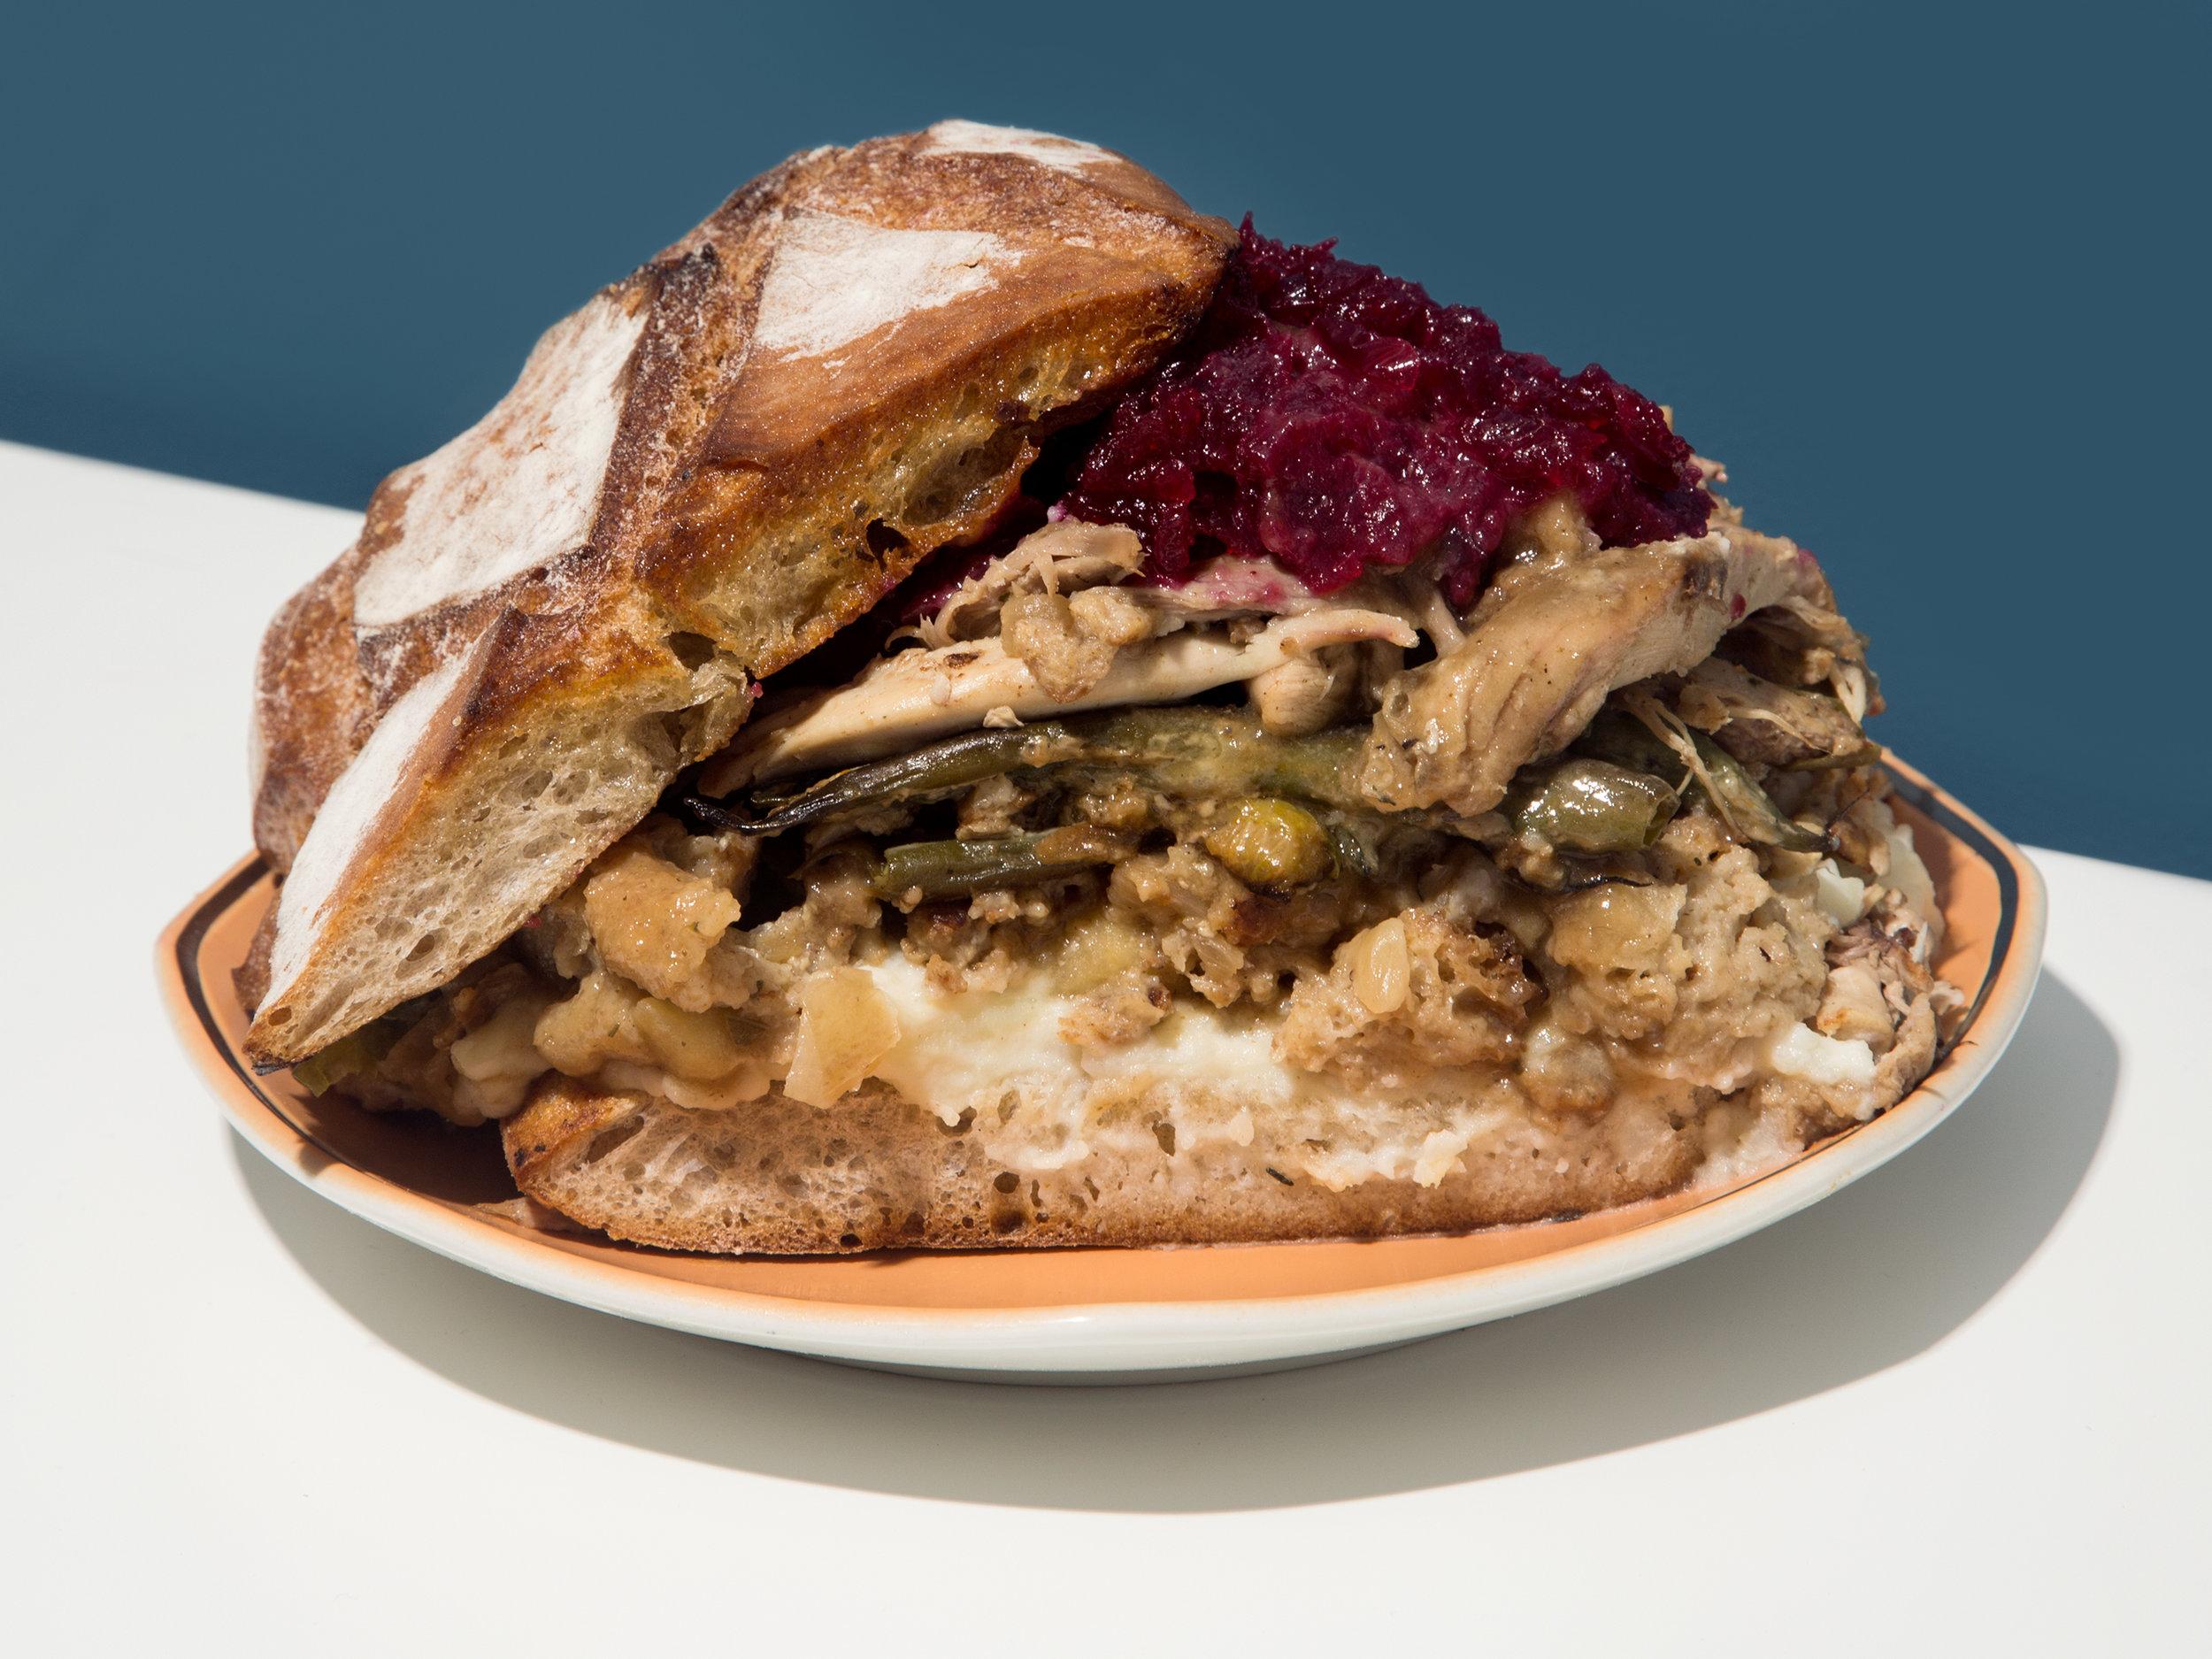 sandwich_low_res.jpg